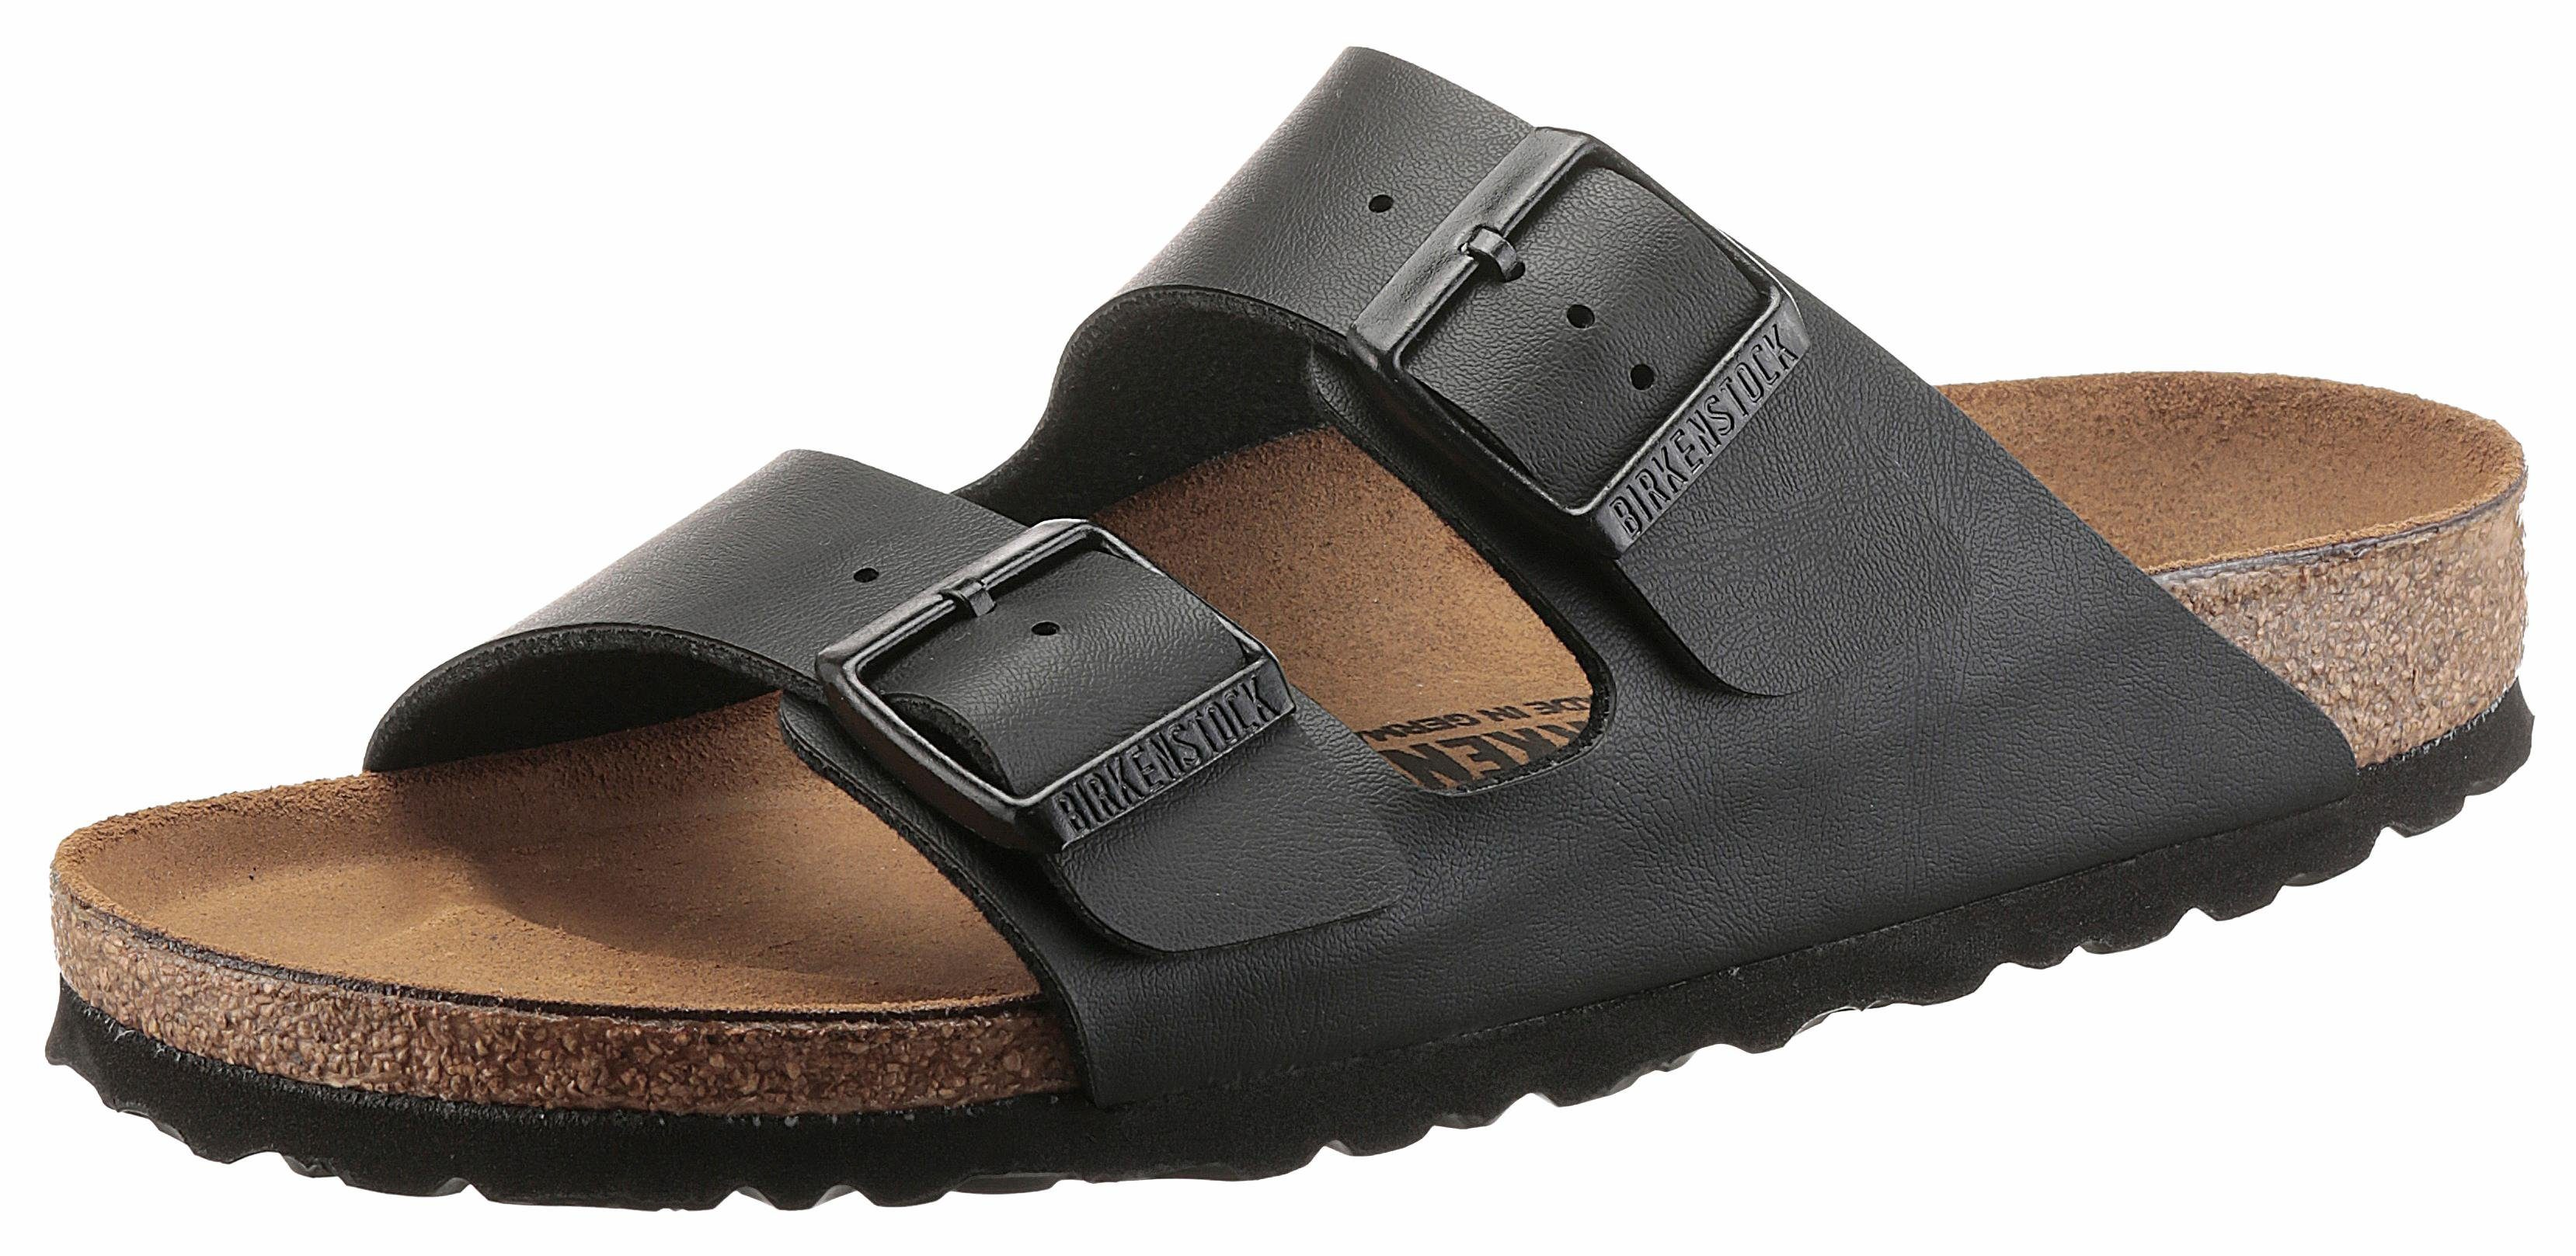 Birkenstock ARIZONA BF Pantolette, in Schuhweite schmal, mit ergonomisch geformten Fußbett online kaufen  schwarz